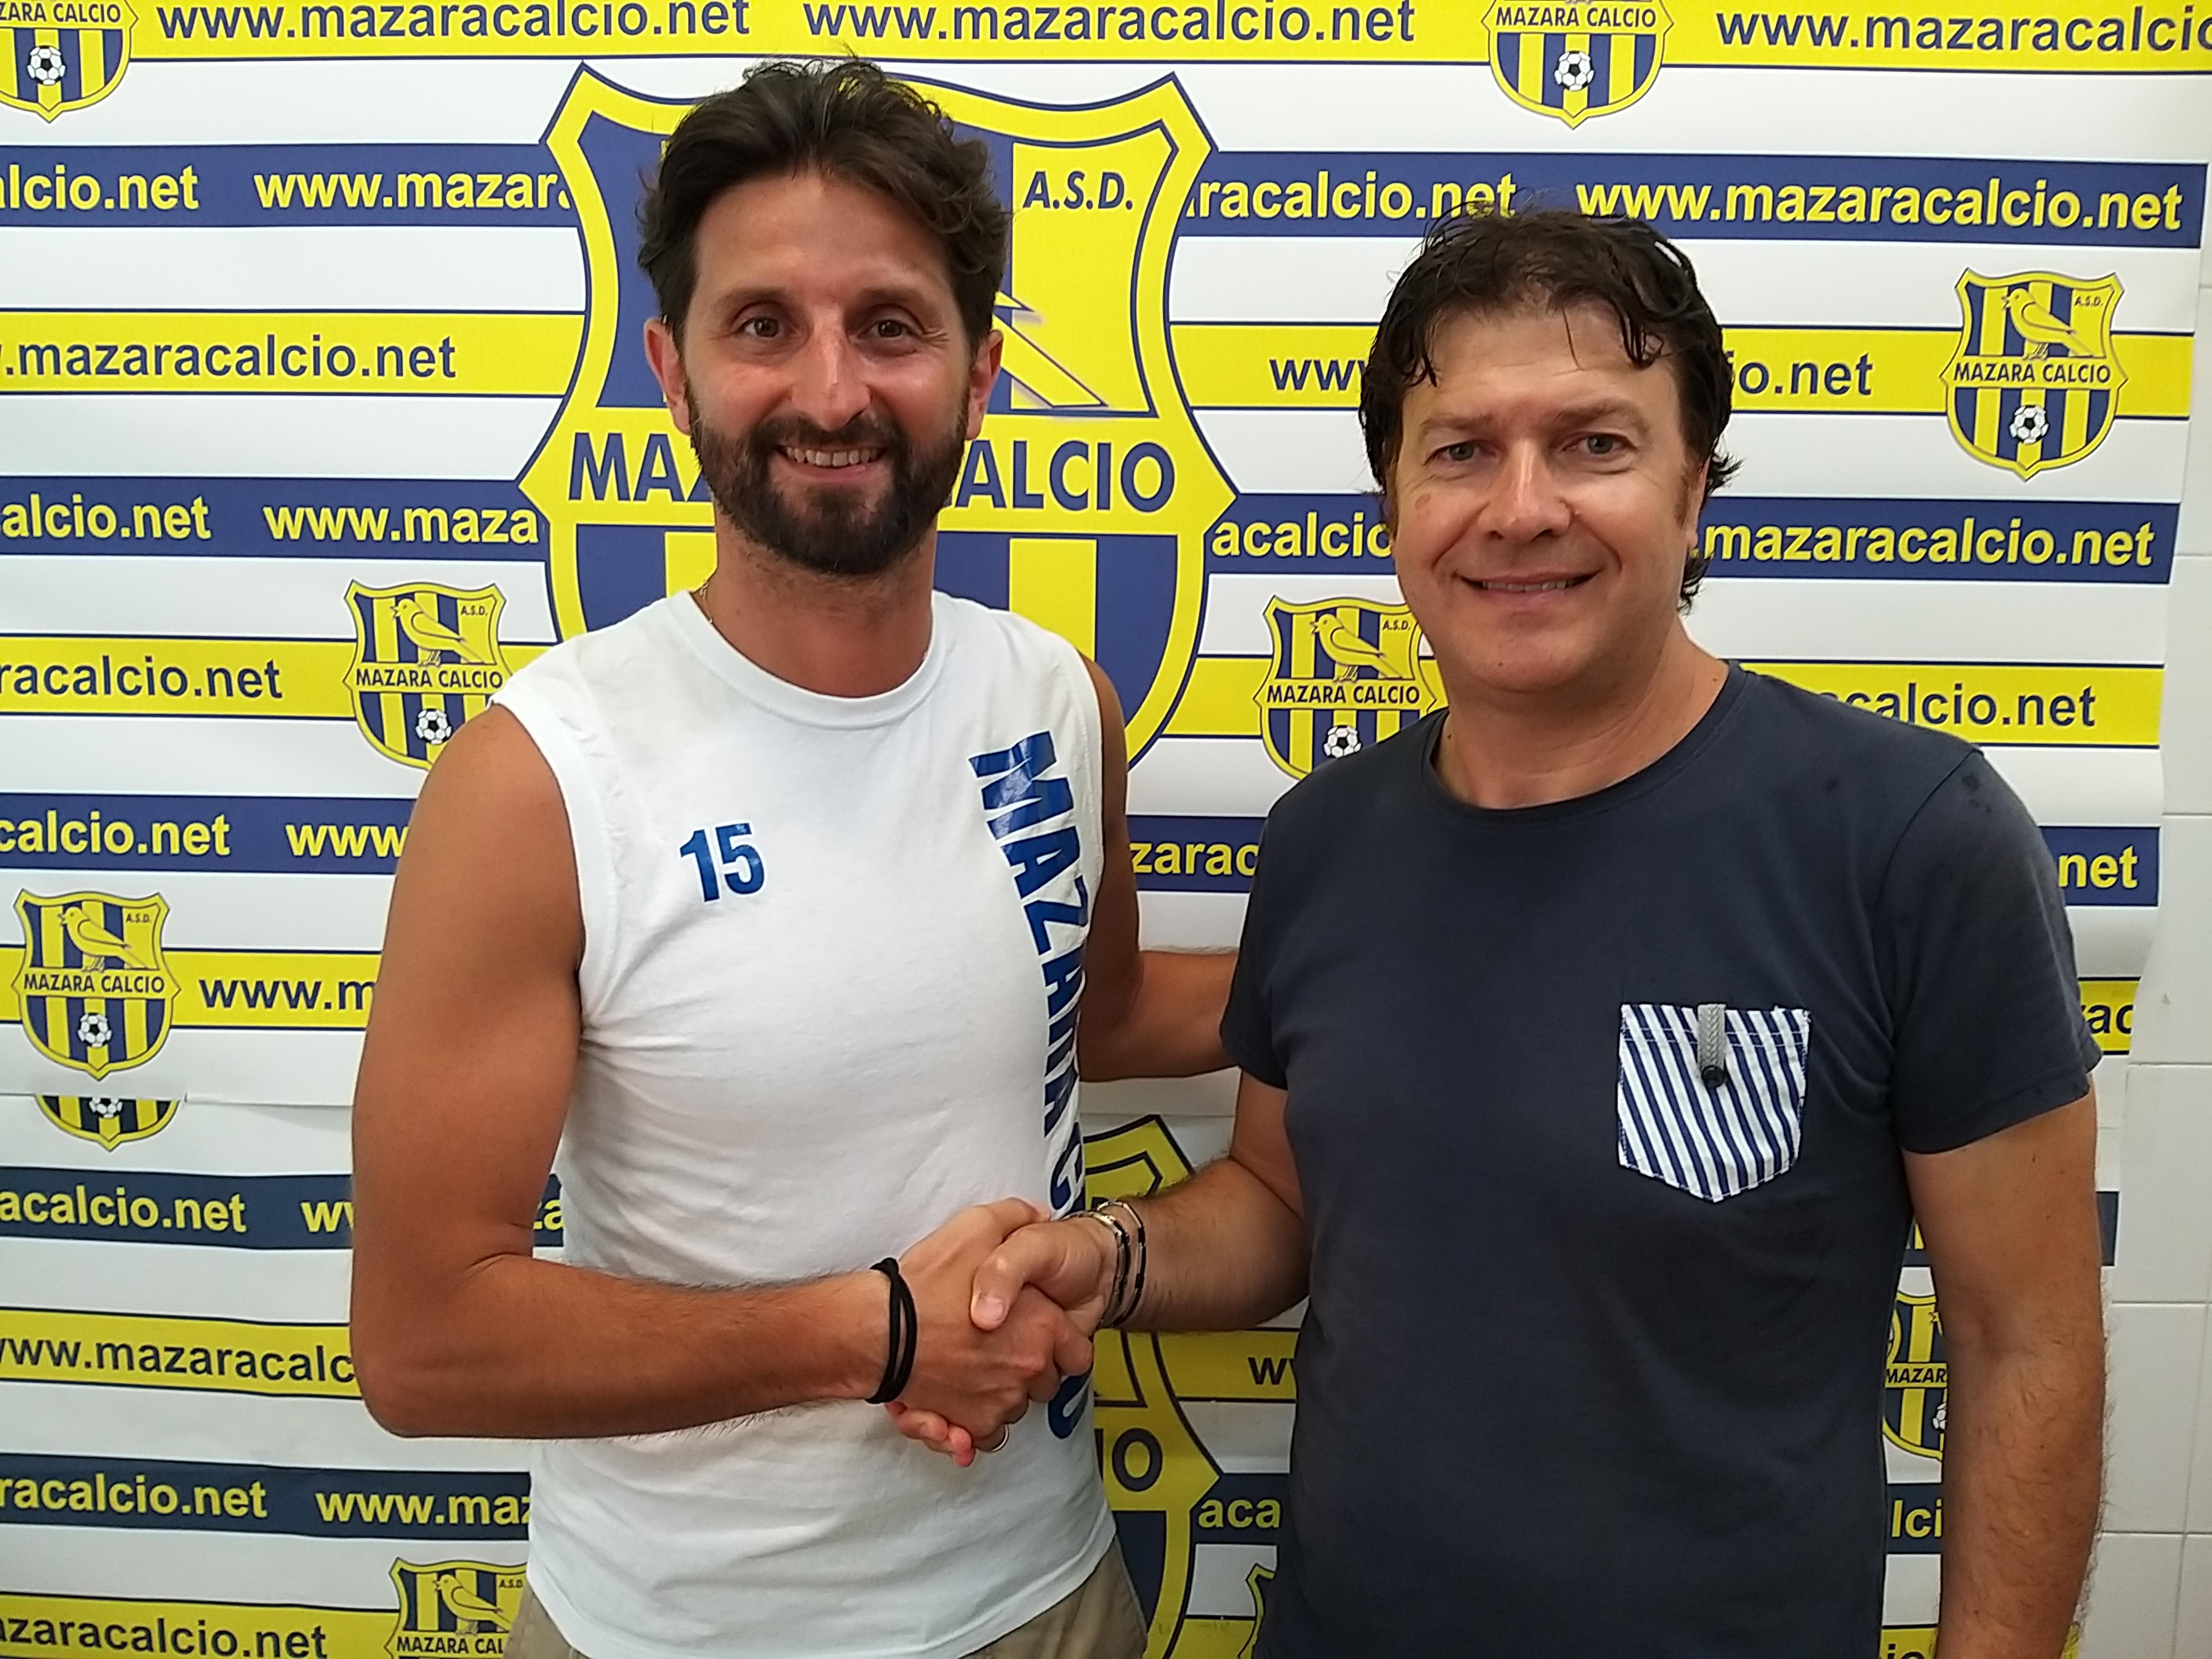 Mazara calcio: L'esperto difensore centrale Agate in maglia canarina